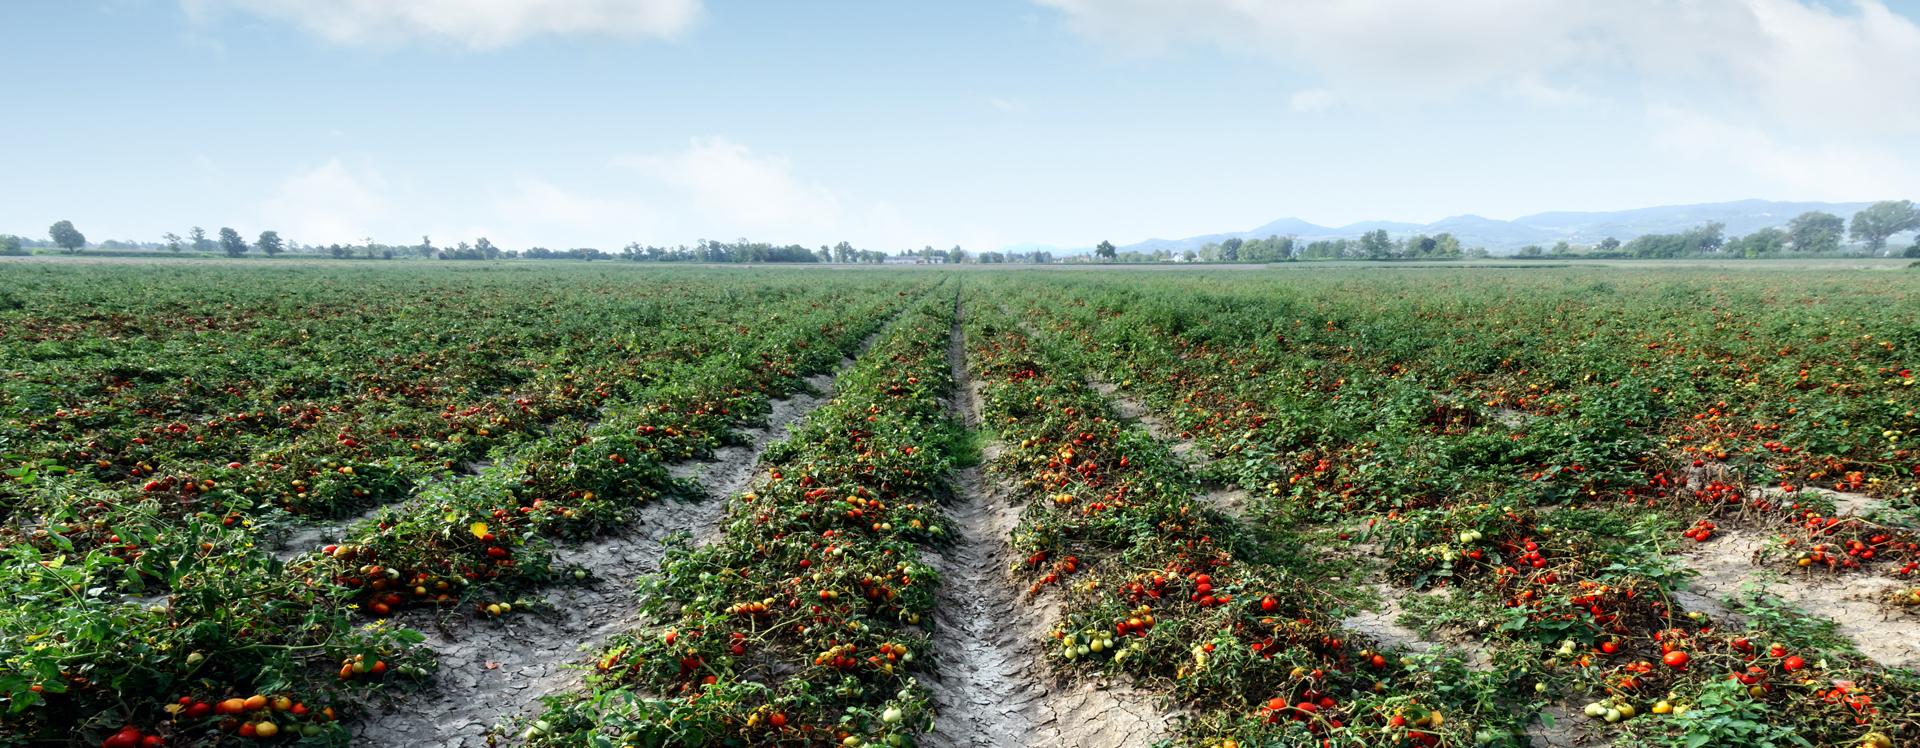 VIUSID AGRO tomates